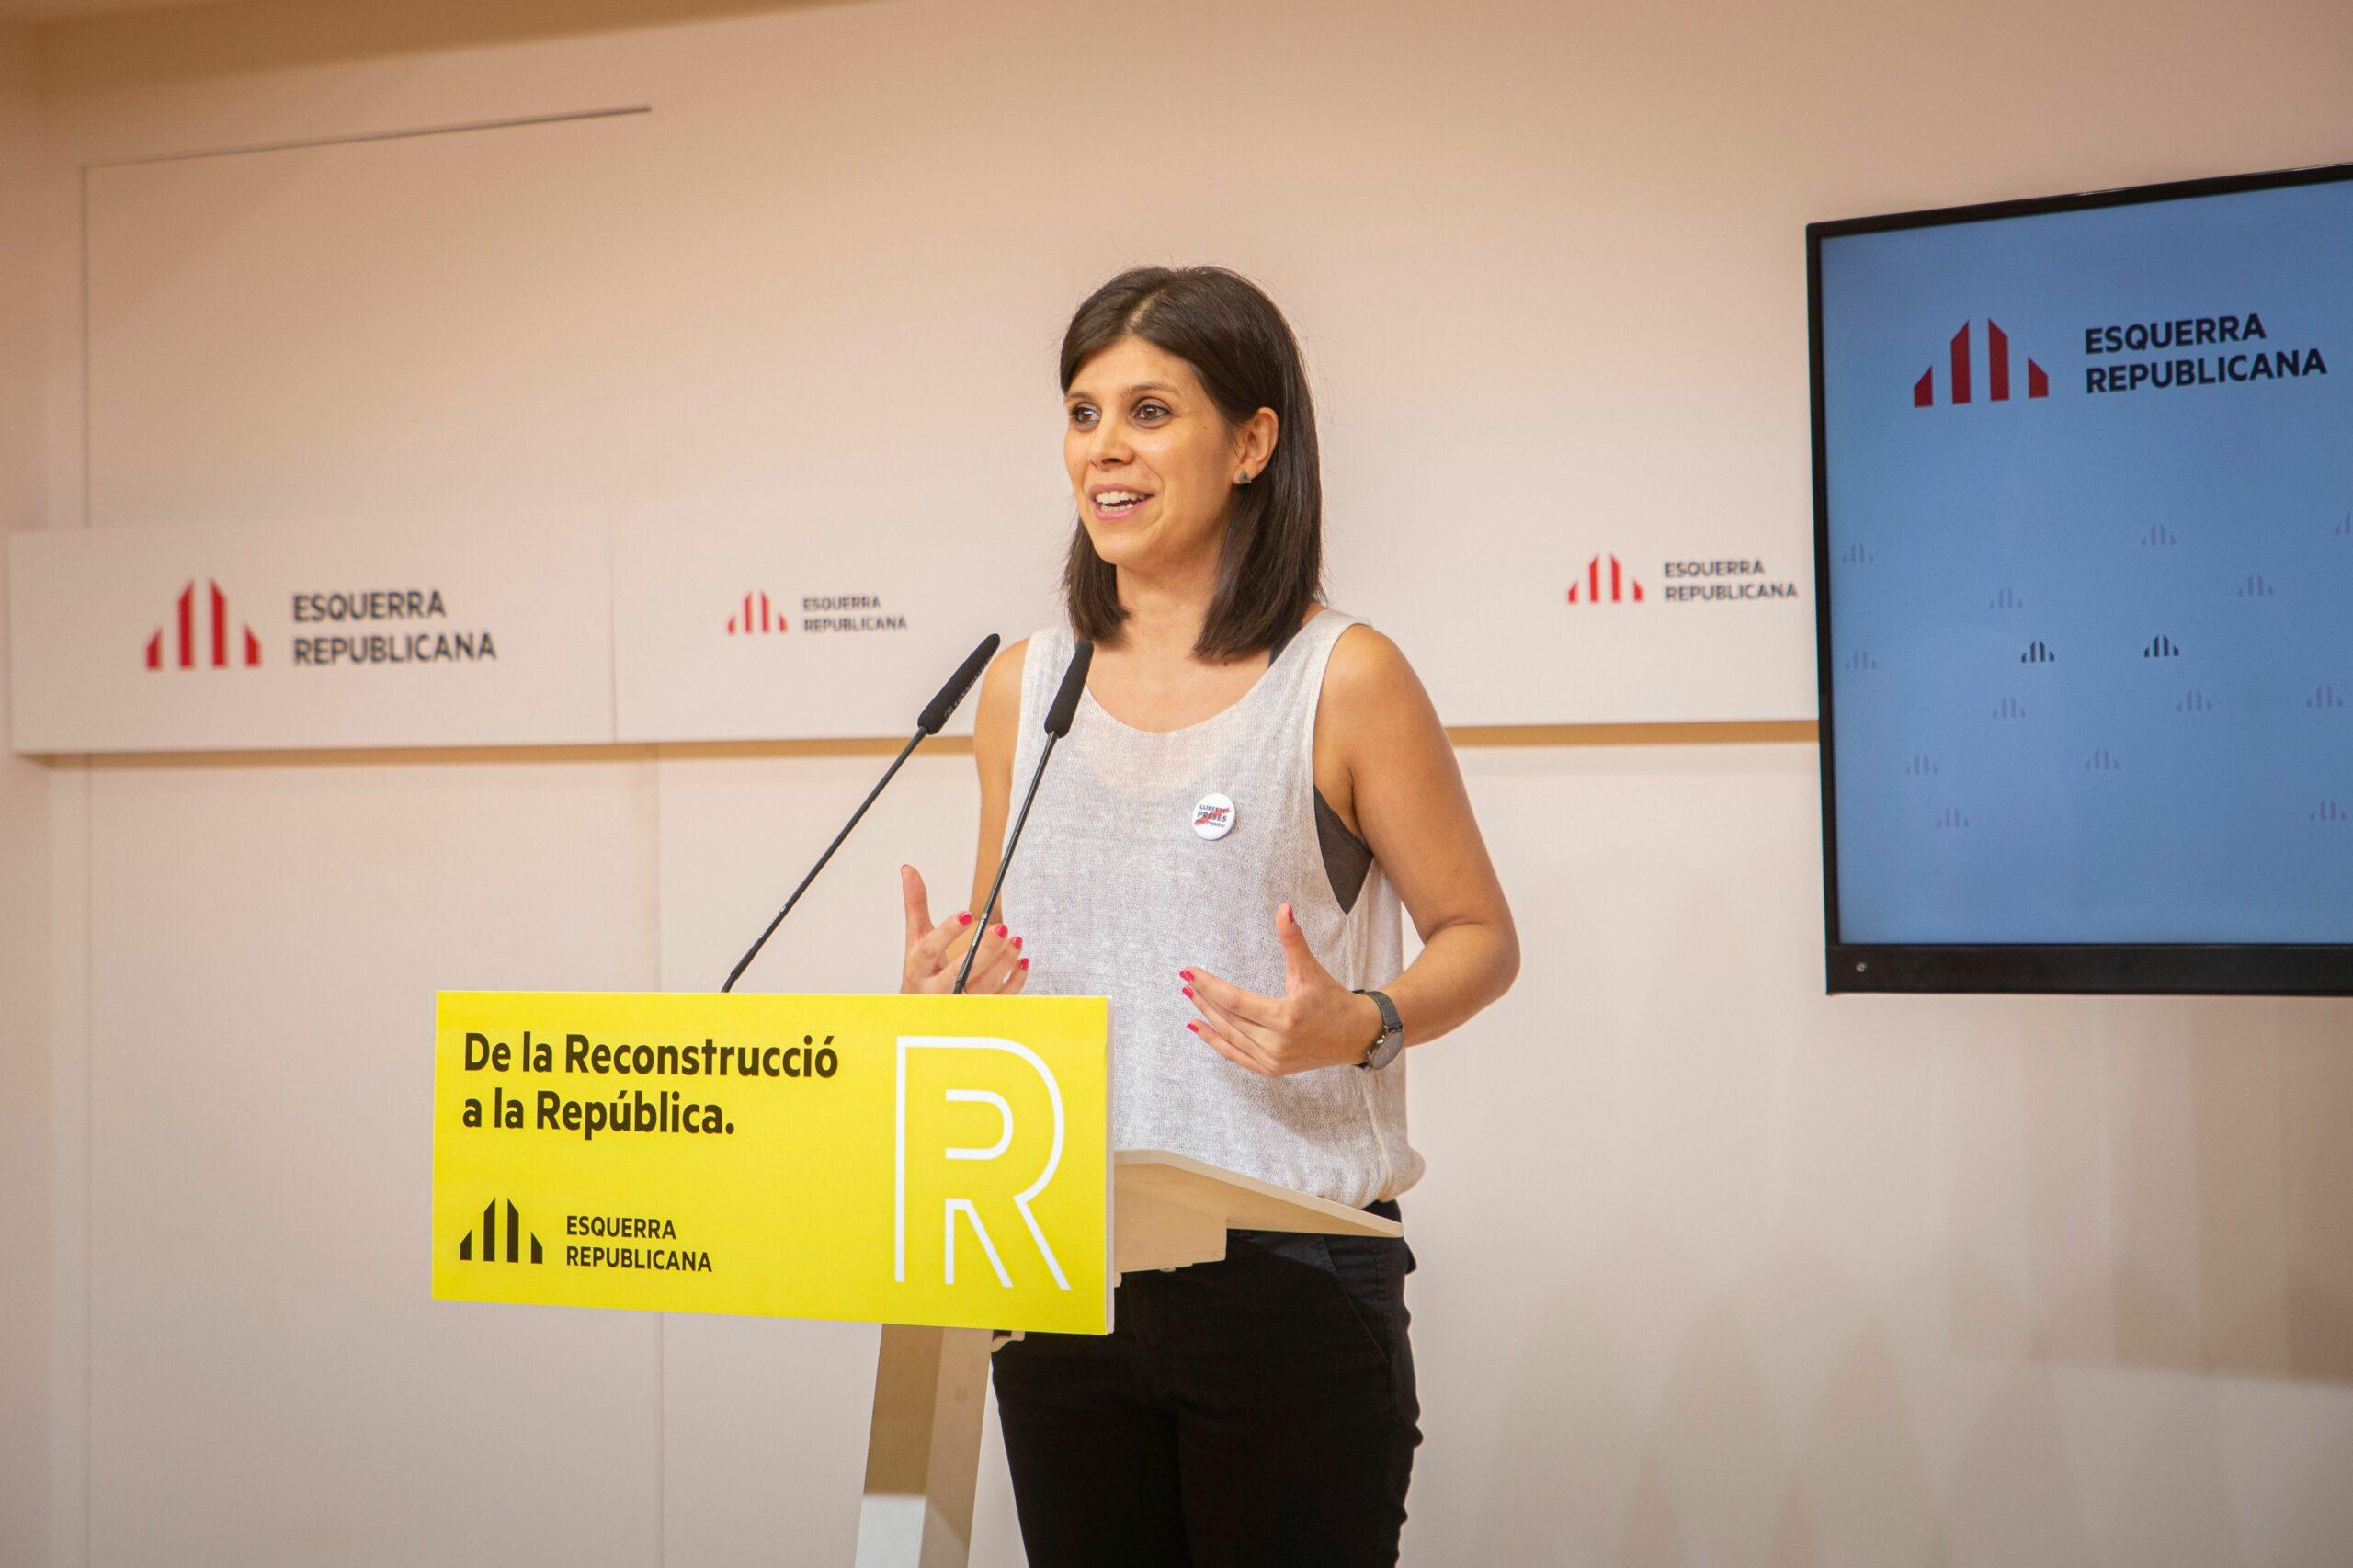 La secret?ria general adjunta d'ERC, Marta Vilalta